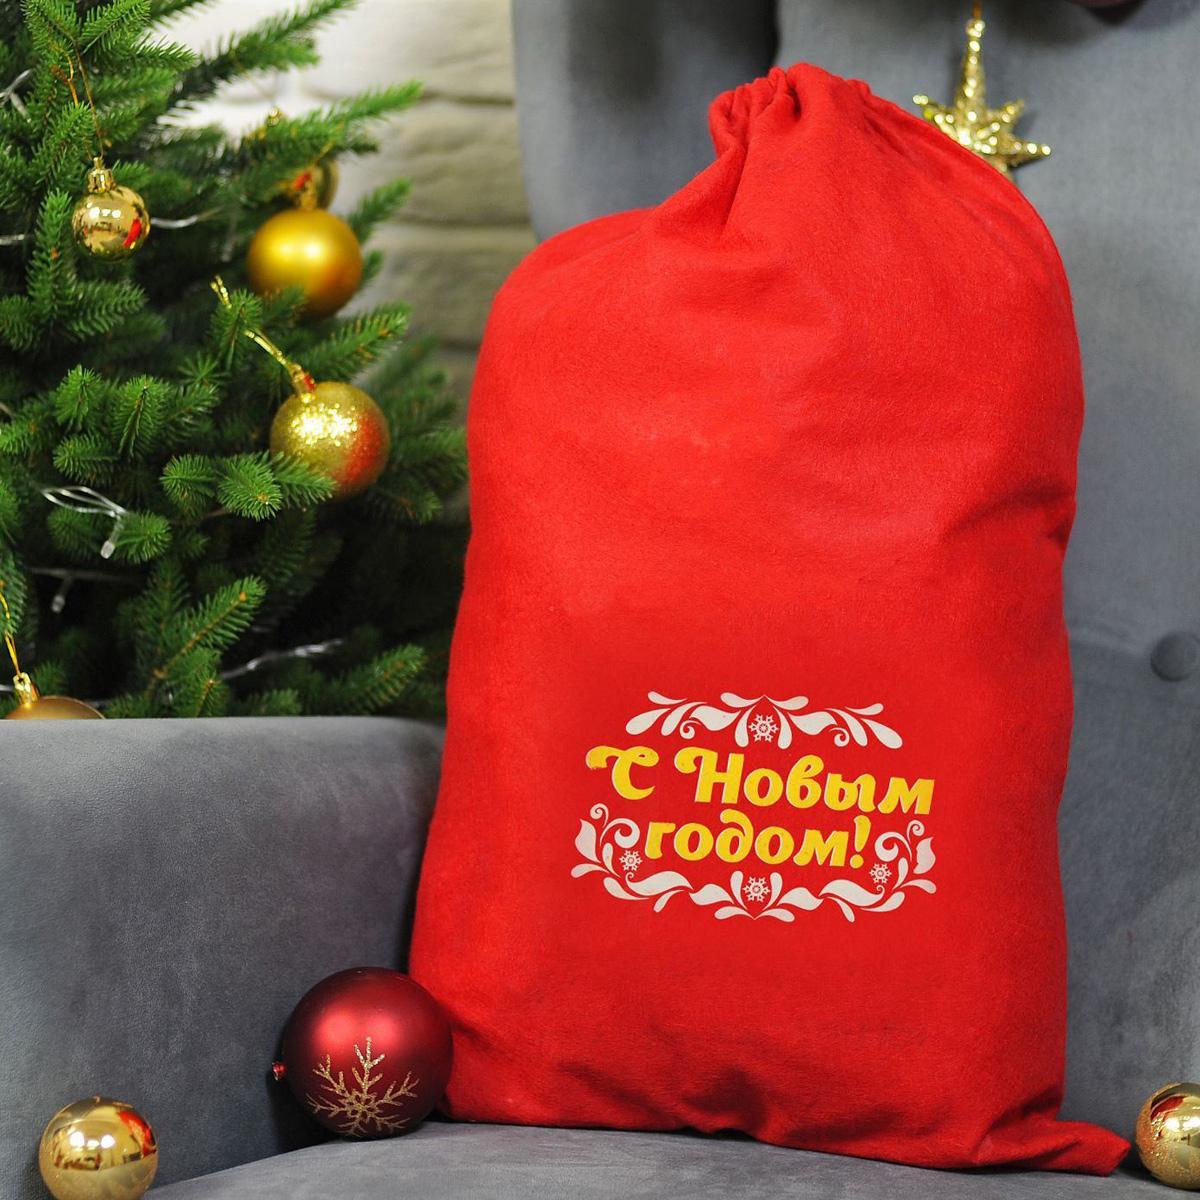 Упаковка подарочная Страна Карнавалия Мешок Деда Мороза. С Новым Годом. Узоры, 40 х 60 см1365012Невозможно представить нашу жизнь без праздников! Мы всегда ждем их и предвкушаем, обдумываем, как проведем памятный день, тщательно выбираем подарки и аксессуары, ведь именно они создают и поддерживают торжественный настрой. Мешок — это отличный выбор, который привнесет атмосферу праздника в ваш дом!